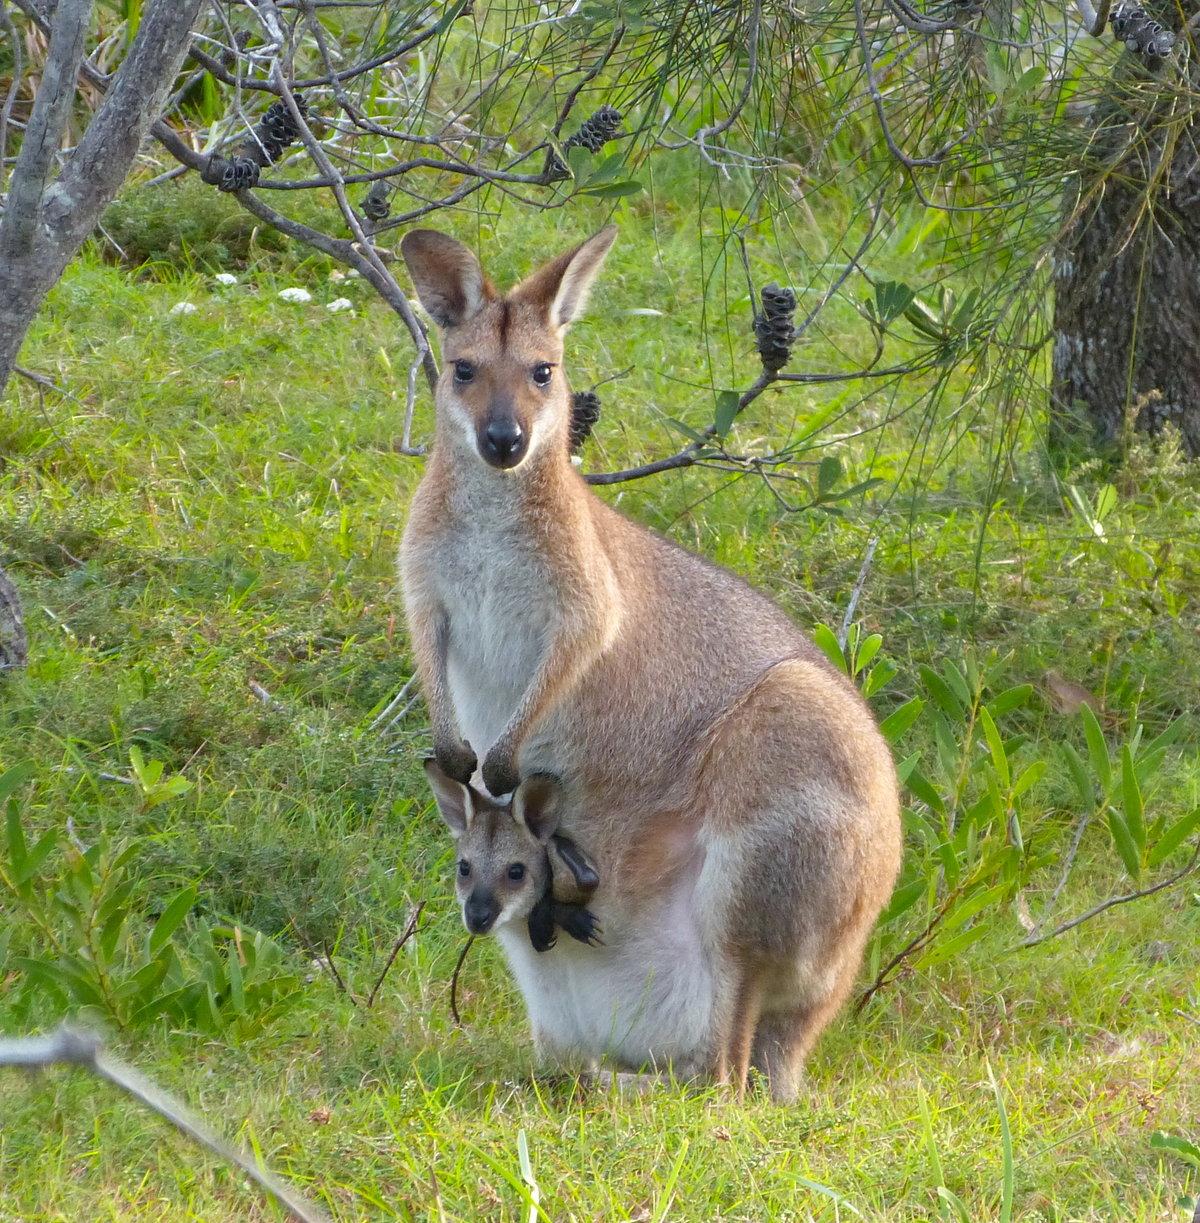 кенгуру детеныш фото этого верхней части